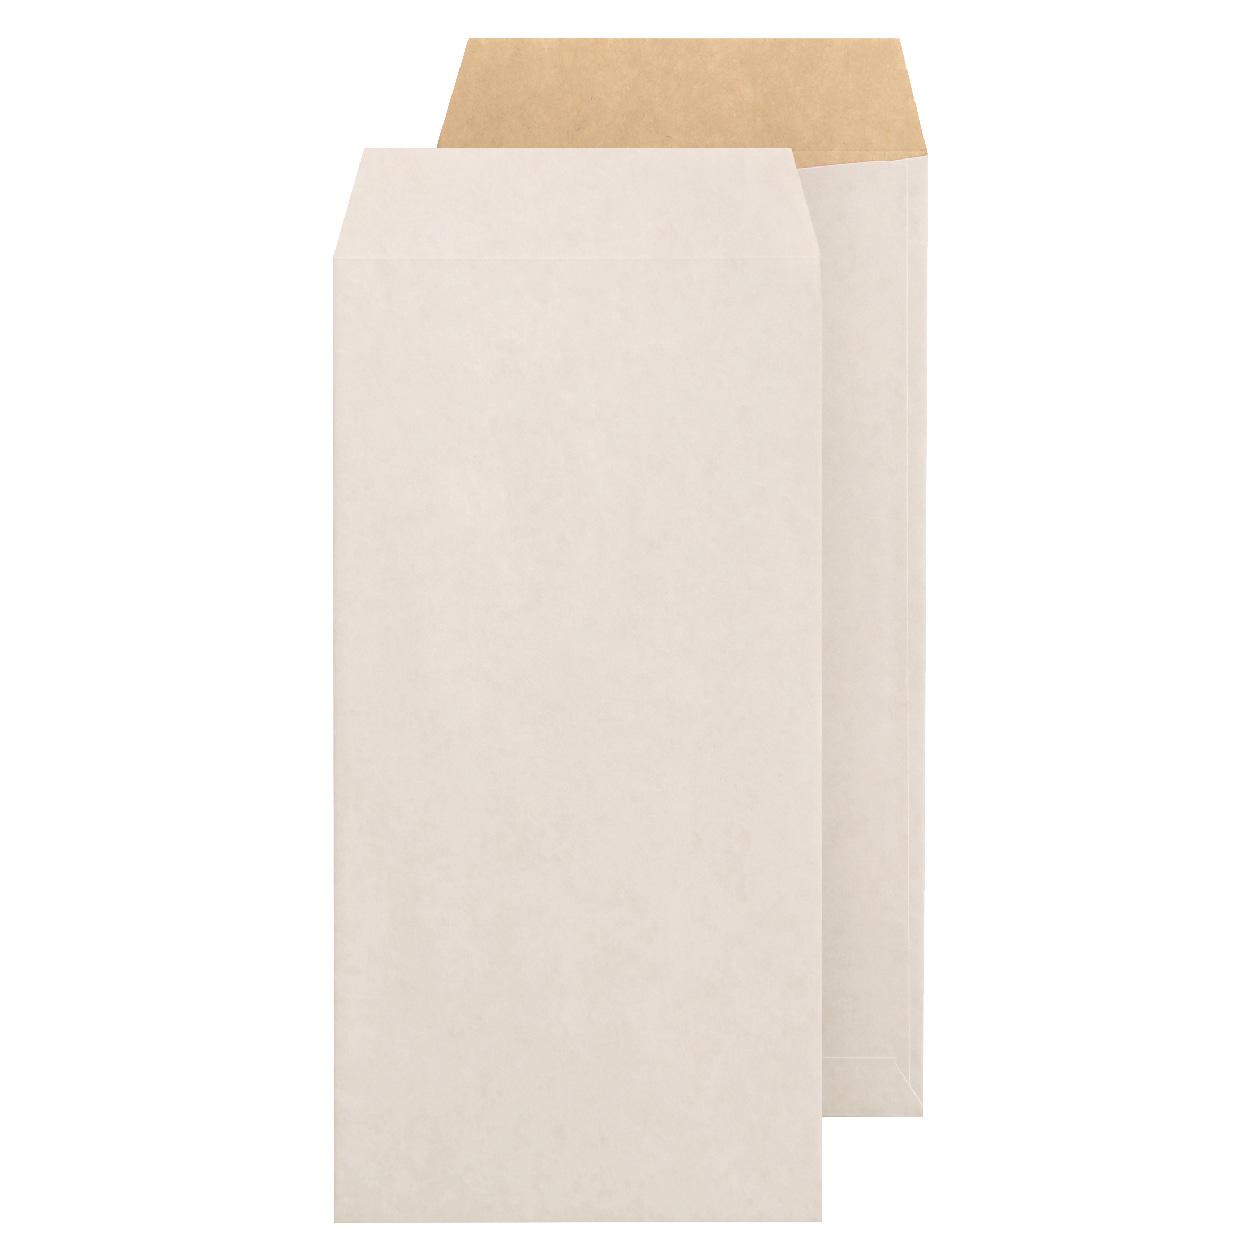 長3封筒 ホワイトクラフト 100g